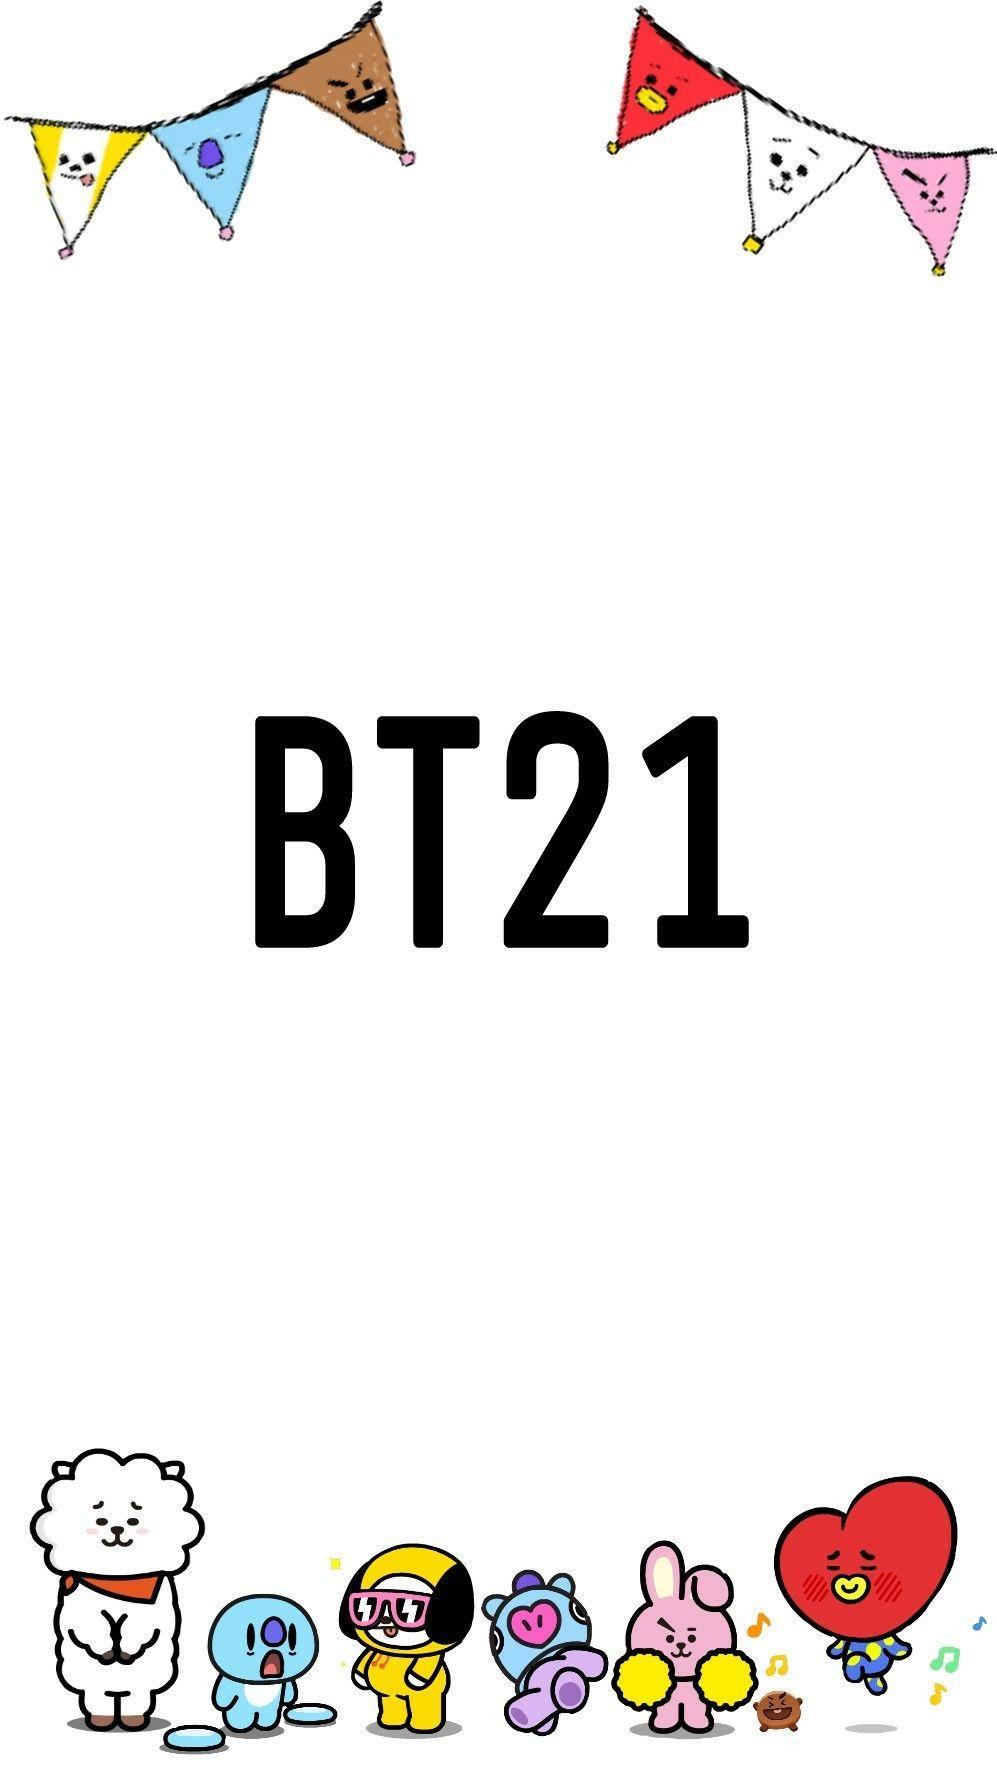 BT21 Wallpapers - WallpaperSafari